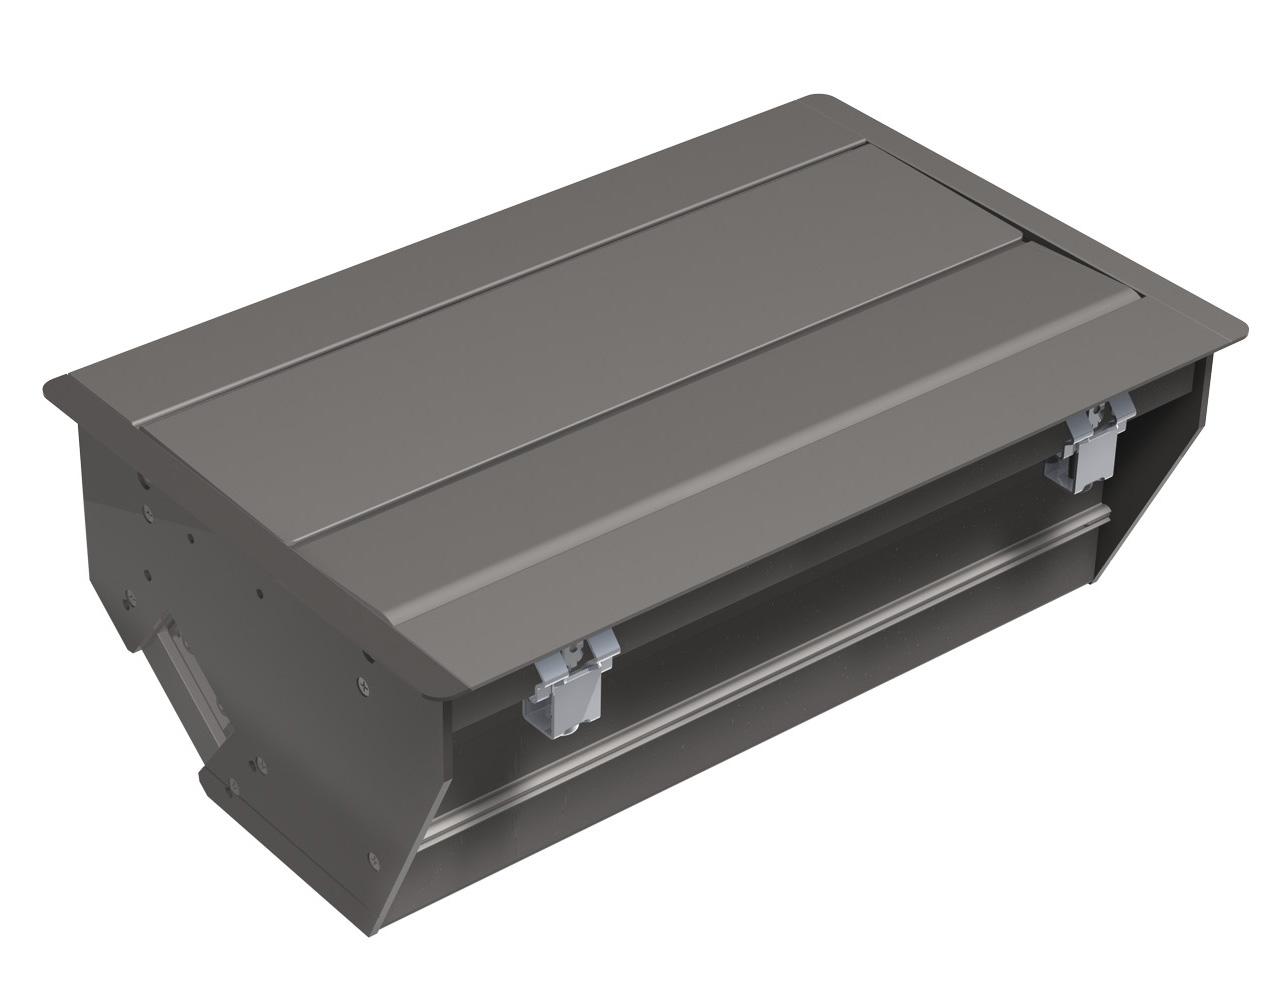 Sistem de management al cablurilor pentru birou BACHMANN - Poza 1